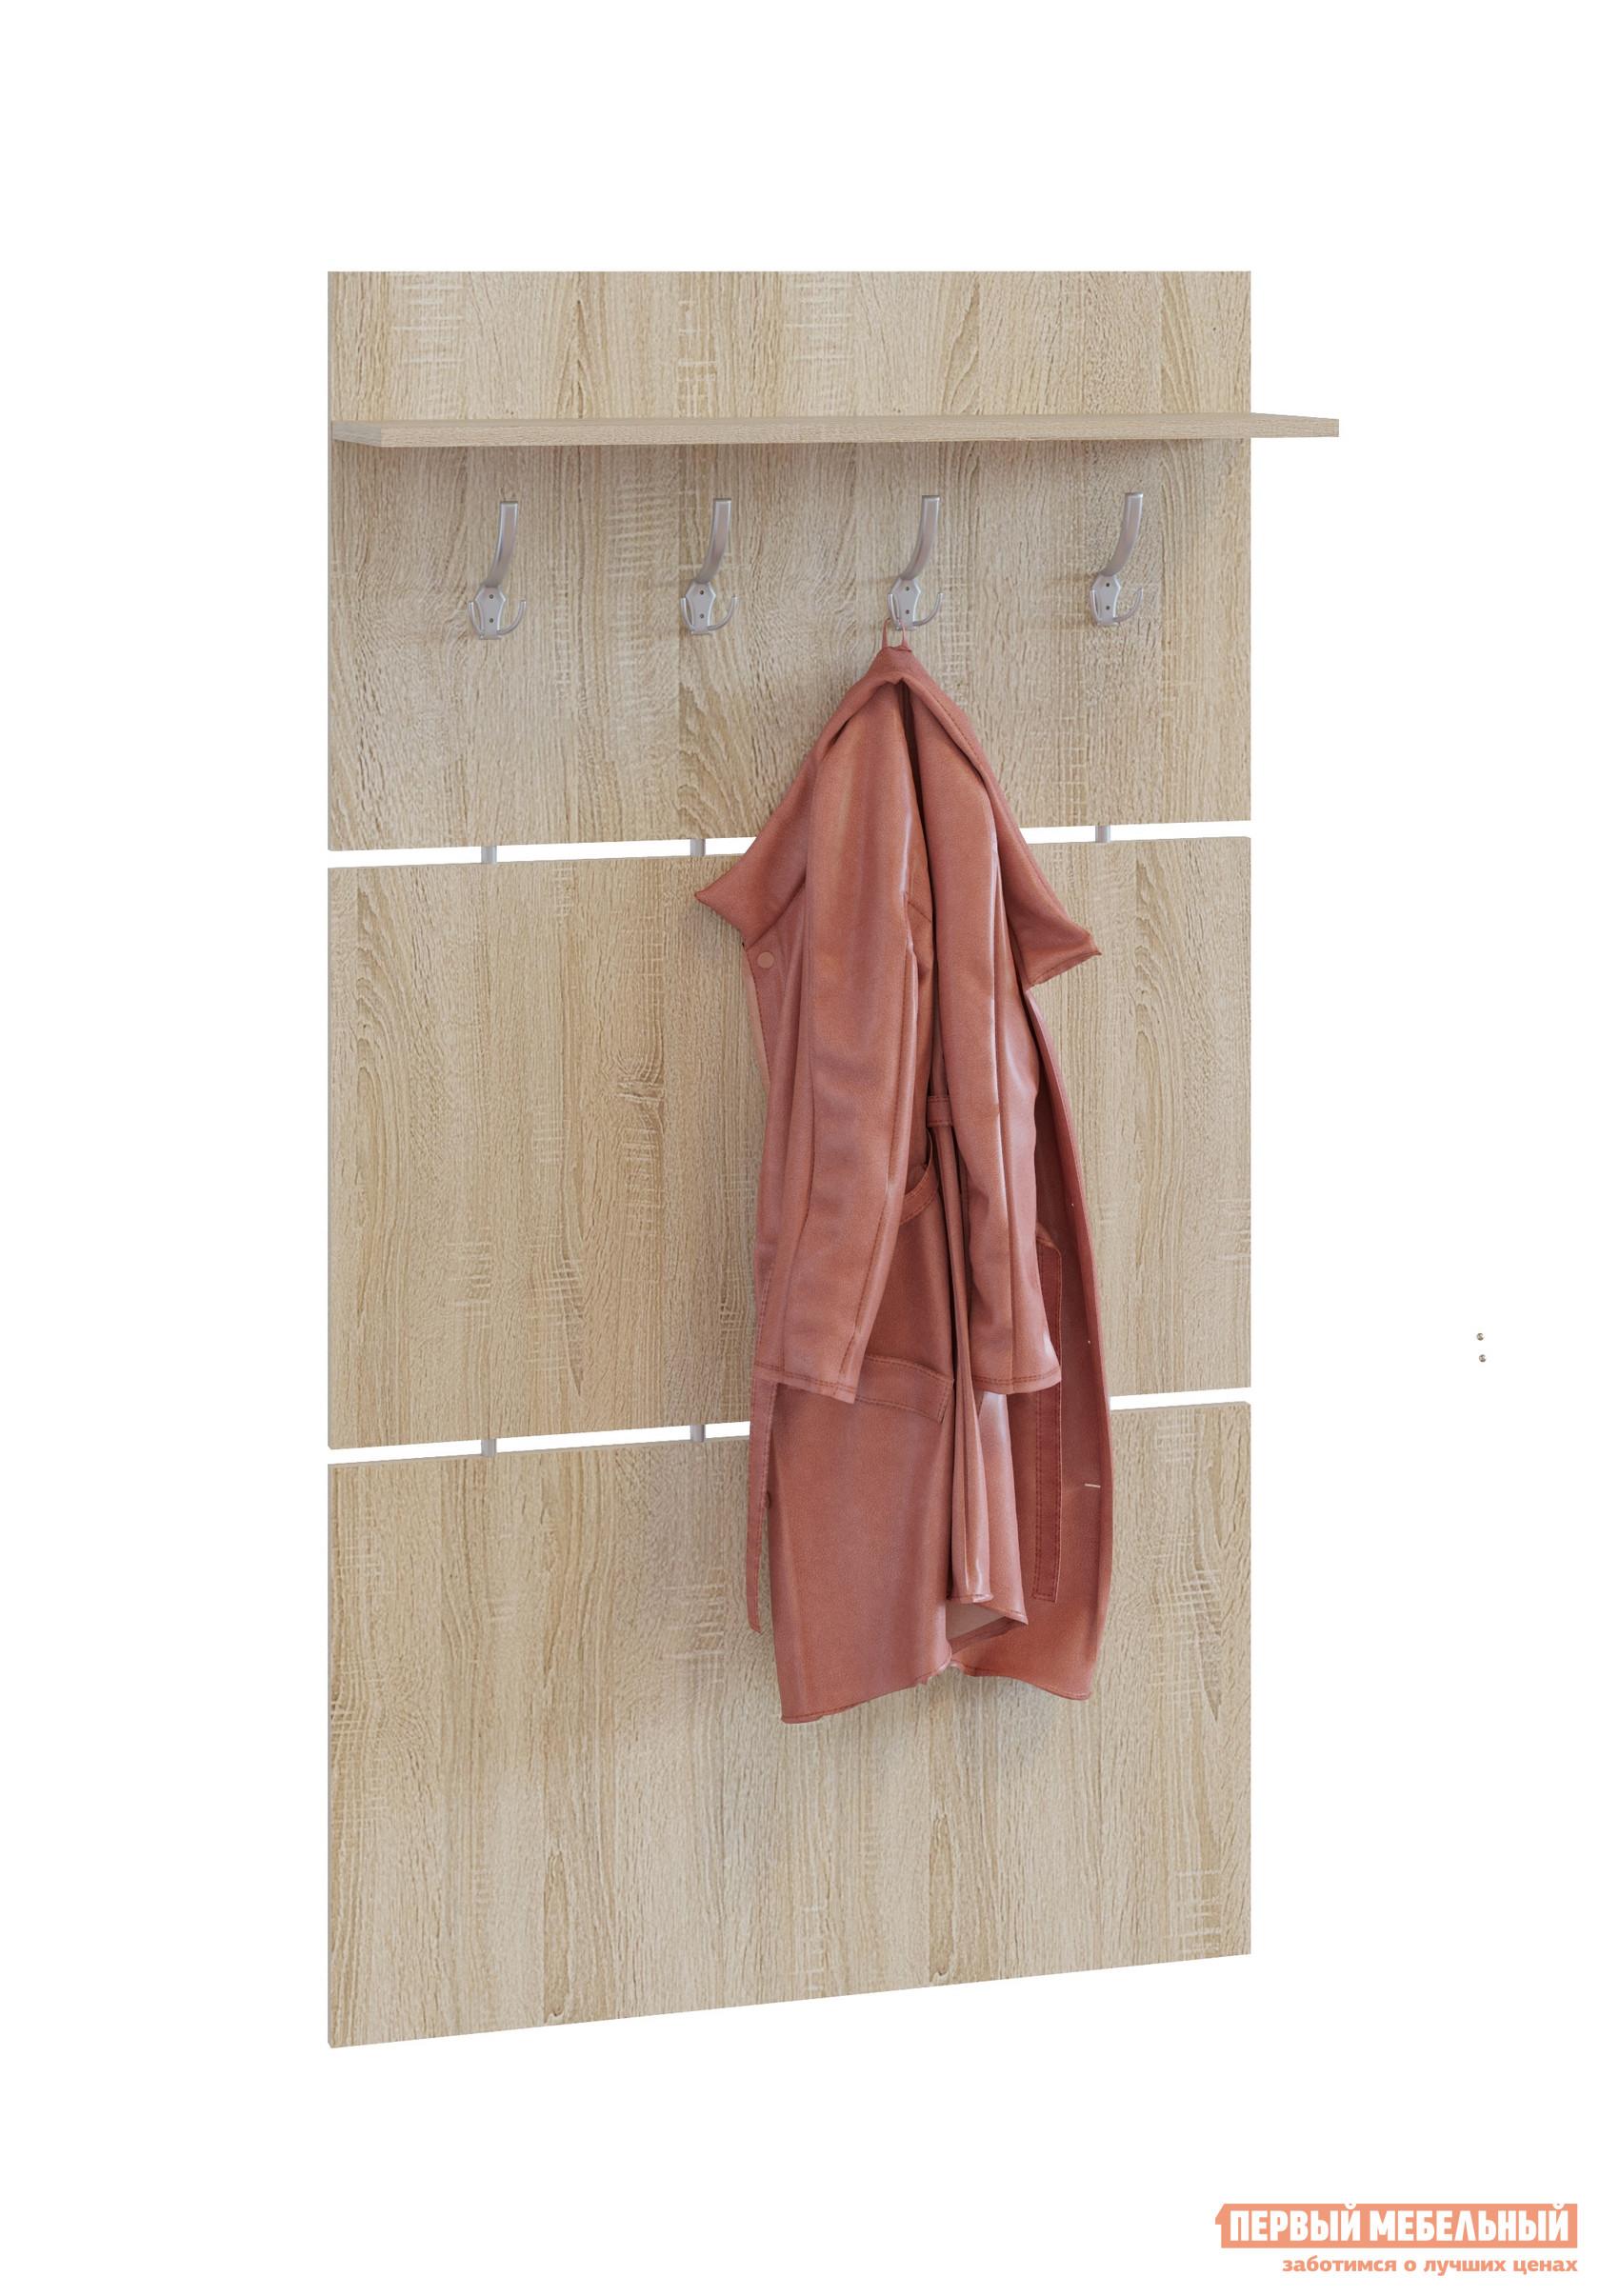 Настенная вешалка Сокол ВШ-3.1 Дуб сономаНастенные вешалки<br>Габаритные размеры ВхШхГ 1460x900x212 мм. Широкая навесная вешалка, выполненная в строгом стиле, позволит разместить сезонную одежду всей семьи.  Вешалка состоит из 3-х панелей соединенных металлическими  вставками.  На верхней панели располагается четыре 3-хрожковых крючка для одежды. Полка, закрепленная над крючками, предназначена специально для головных уборов и зонтов.  Максимальная нагрузка на полку составляет 5кг. Вешалка изготовлена из высококачественной ДСП 16мм, края отделаны кромкой ПВХ 0. 4мм.  Рекомендуем сохранить инструкцию по сборке (паспорт изделия) до истечения гарантийного срока.<br><br>Цвет: Дуб сонома<br>Цвет: Светлое дерево<br>Высота мм: 1460<br>Ширина мм: 900<br>Глубина мм: 212<br>Кол-во упаковок: 1<br>Форма поставки: В разобранном виде<br>Срок гарантии: 2 года<br>Материал: Деревянные<br>Особенности: С полкой